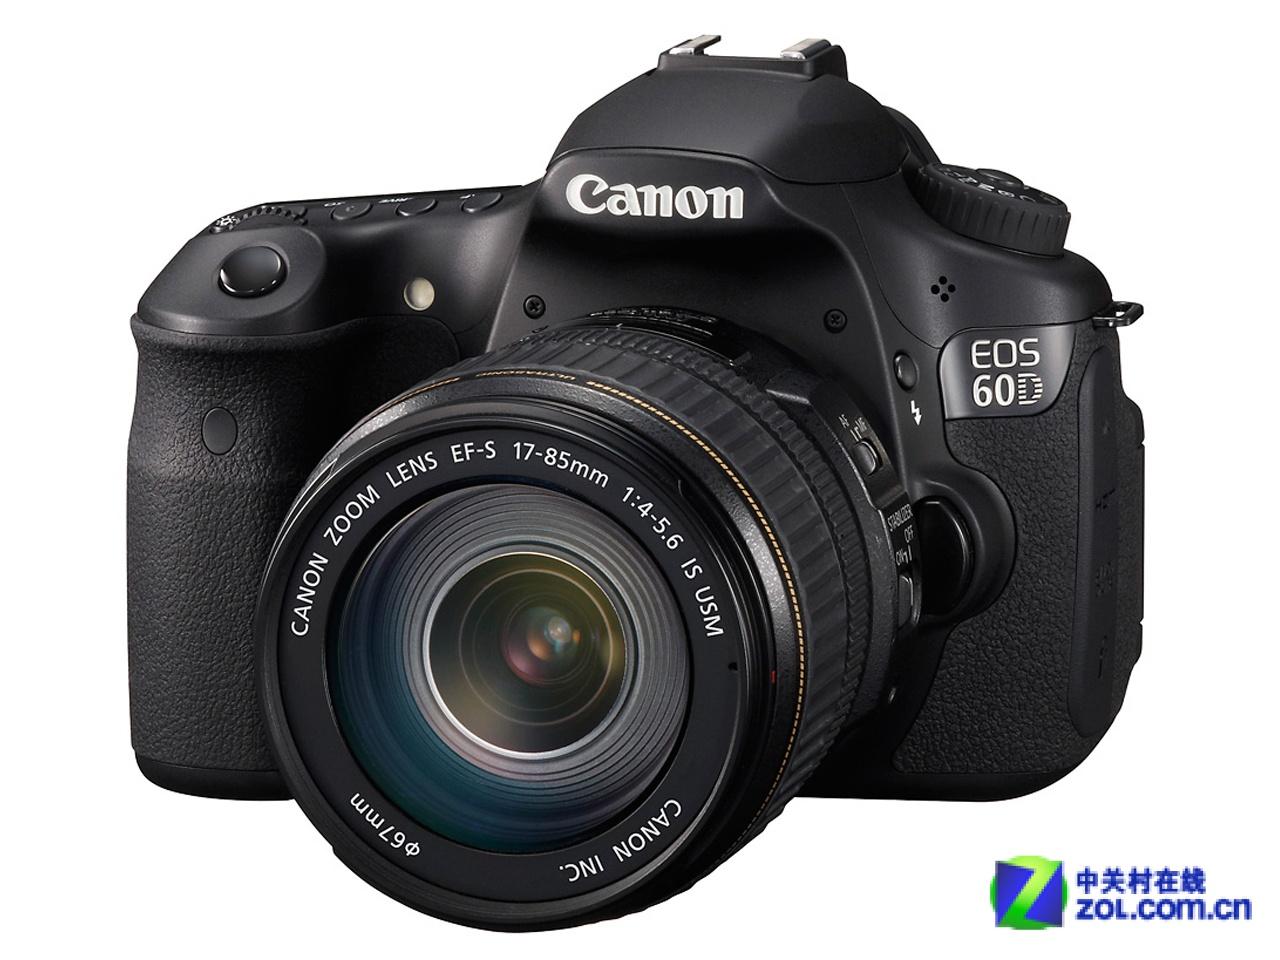 图为:佳能EOS 60D数码单反相机